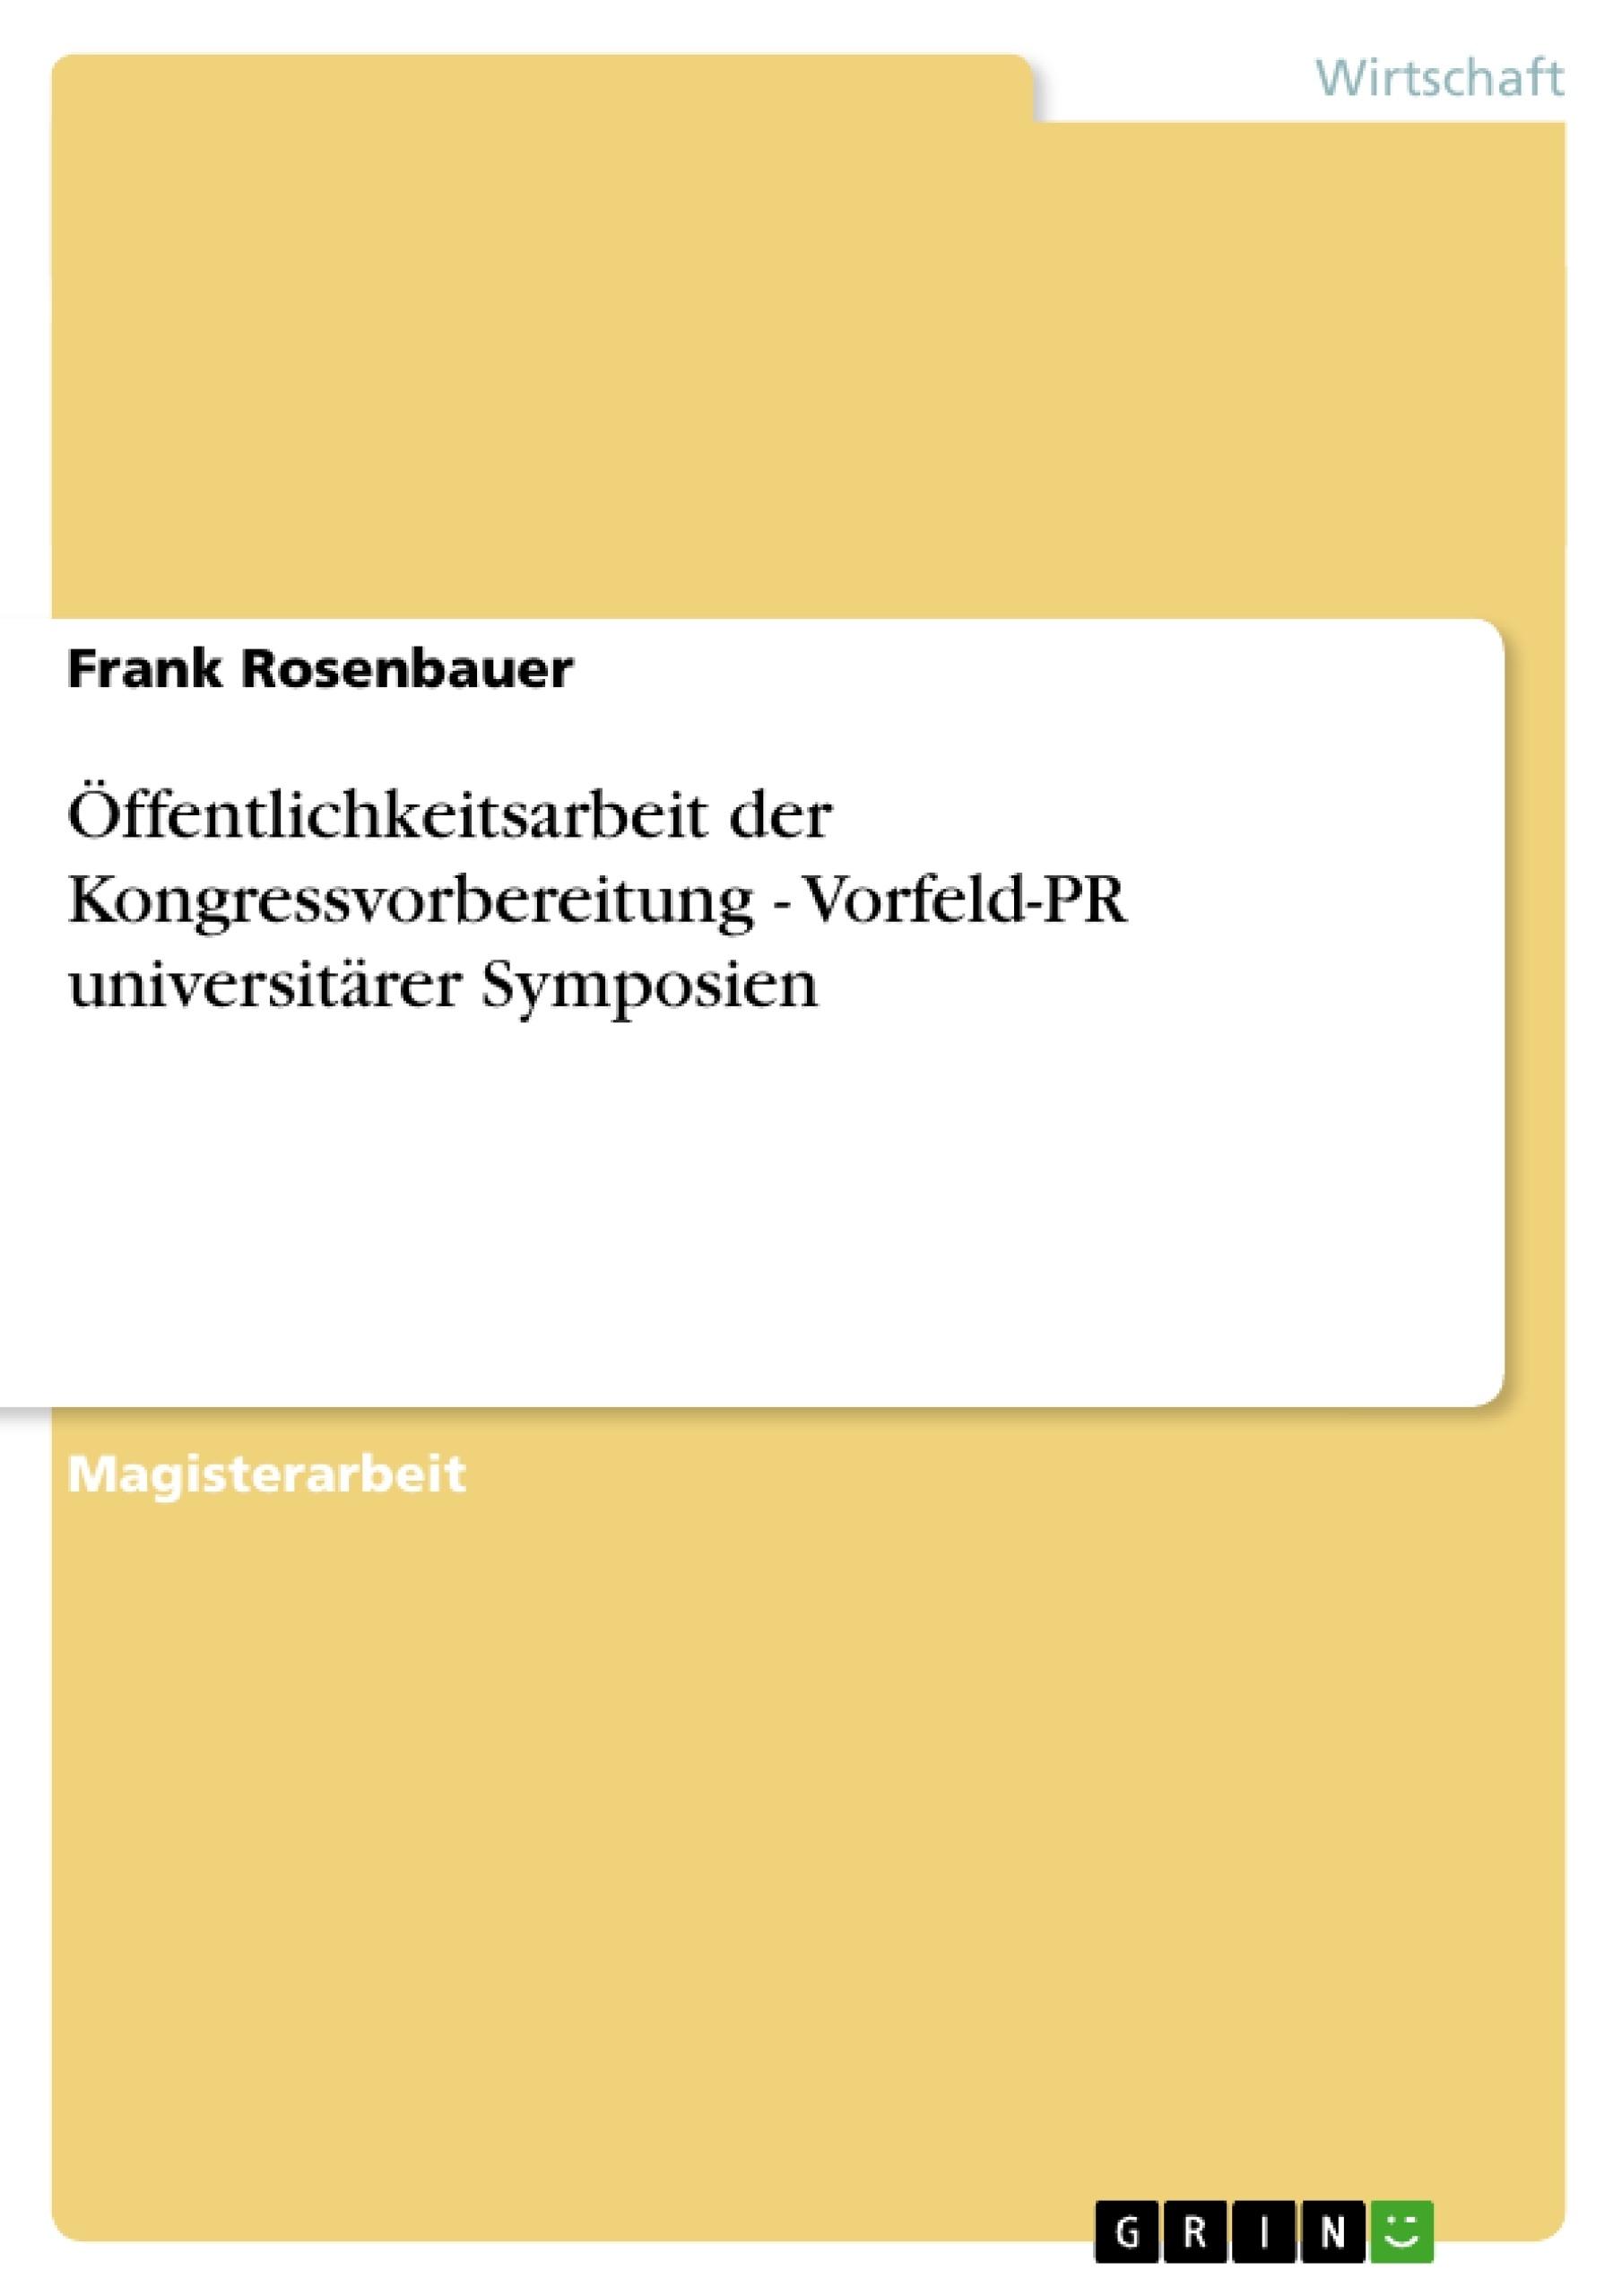 Titel: Öffentlichkeitsarbeit der Kongressvorbereitung - Vorfeld-PR universitärer Symposien